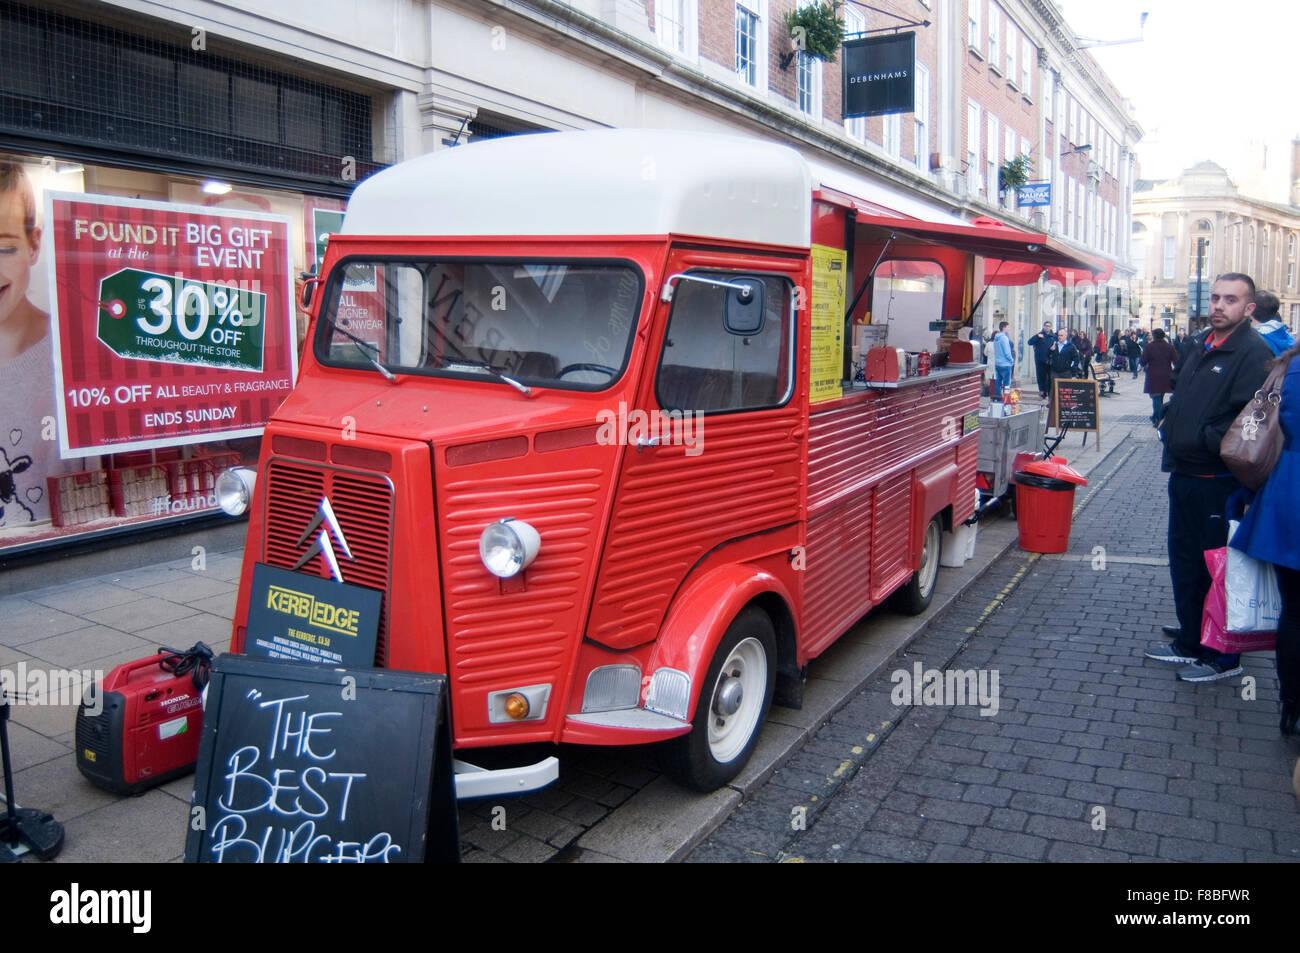 Citroën H van furgonetas de acero corrugado francés Artisan street cafe moderno puesto de comida van en York uk francia Foto de stock